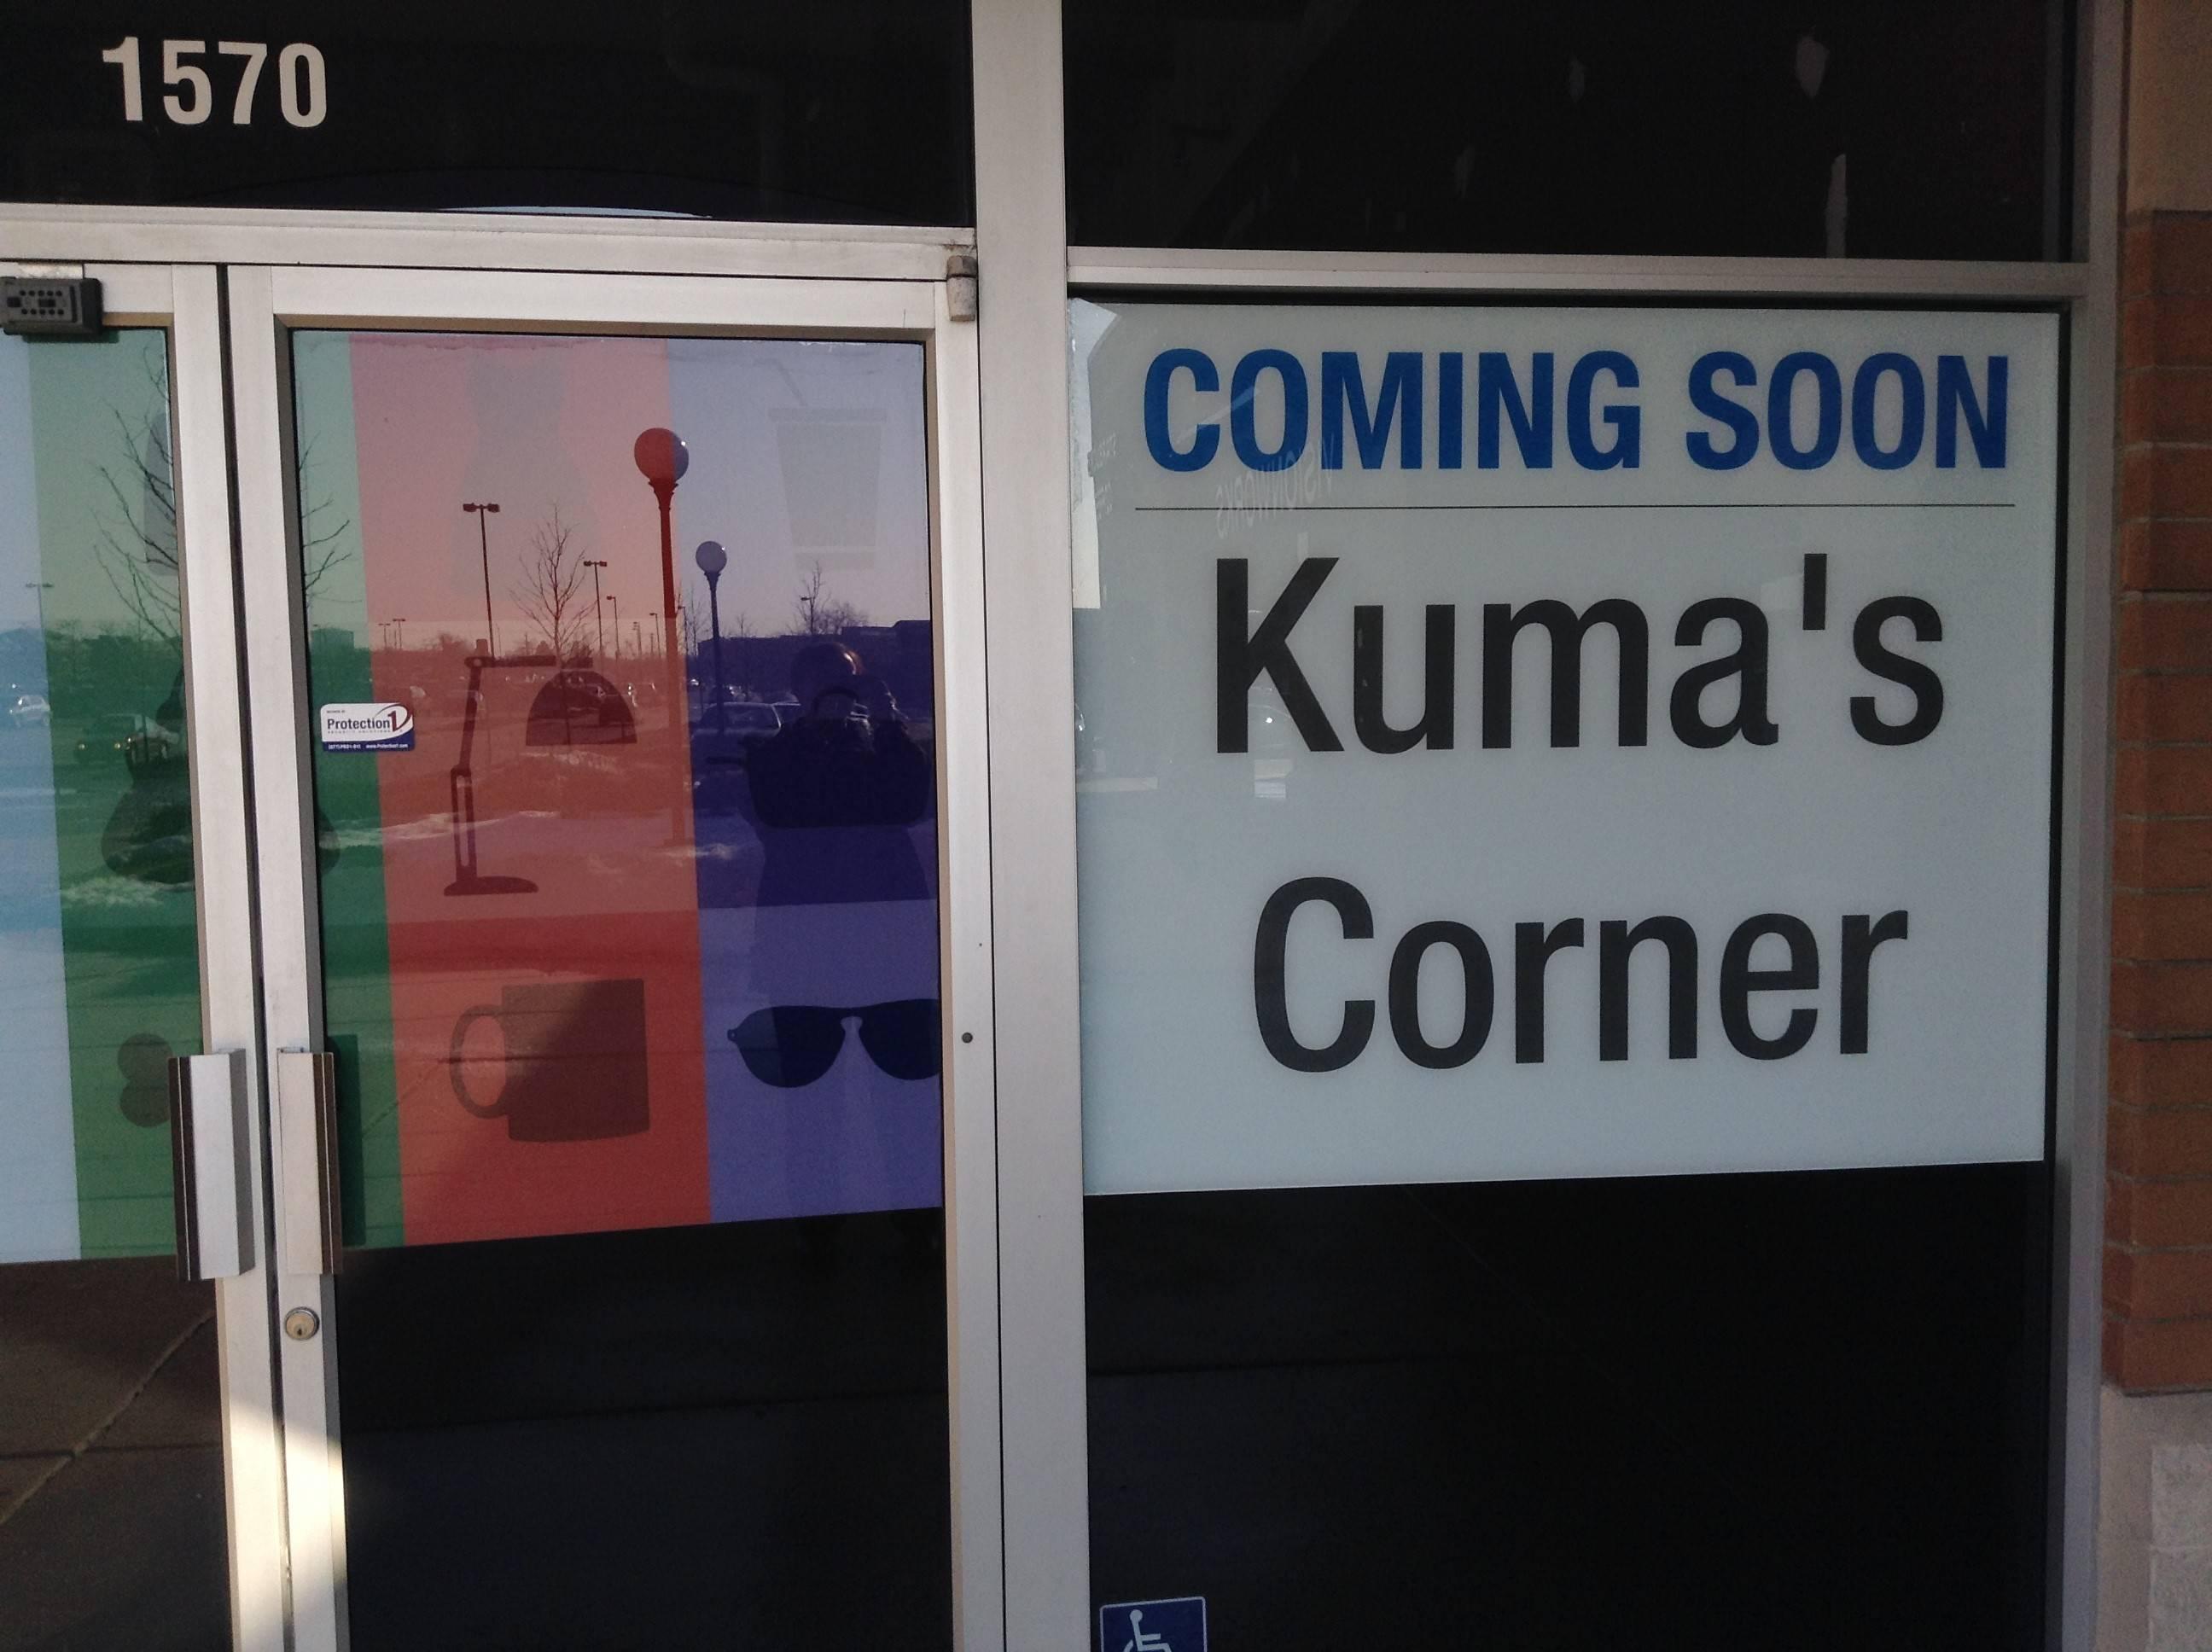 Kuma's Corner coming to Schaumburg in July